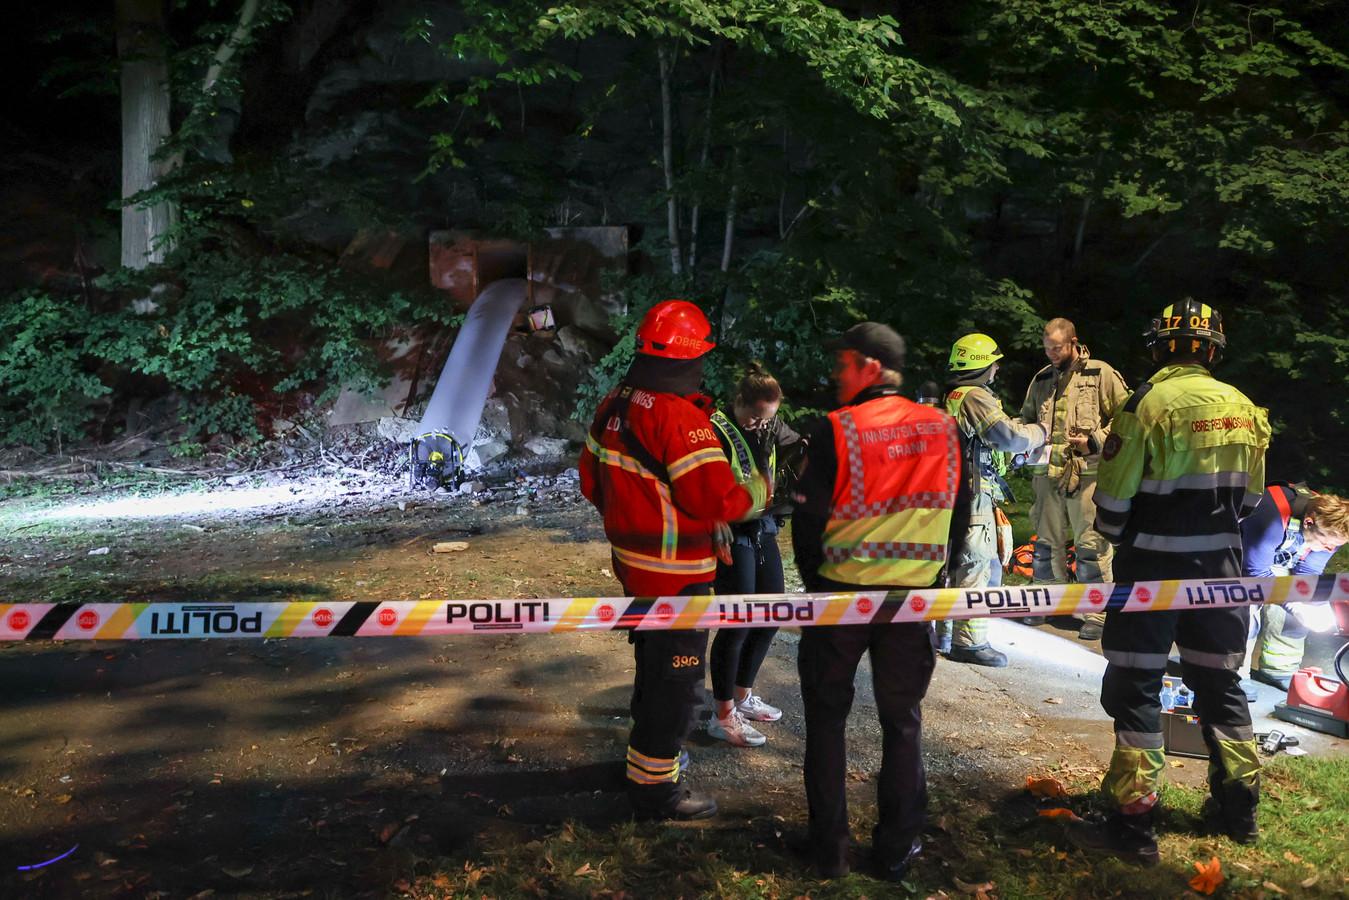 Brandweerlieden inspecteren de bunker waar het feest plaatsvond.